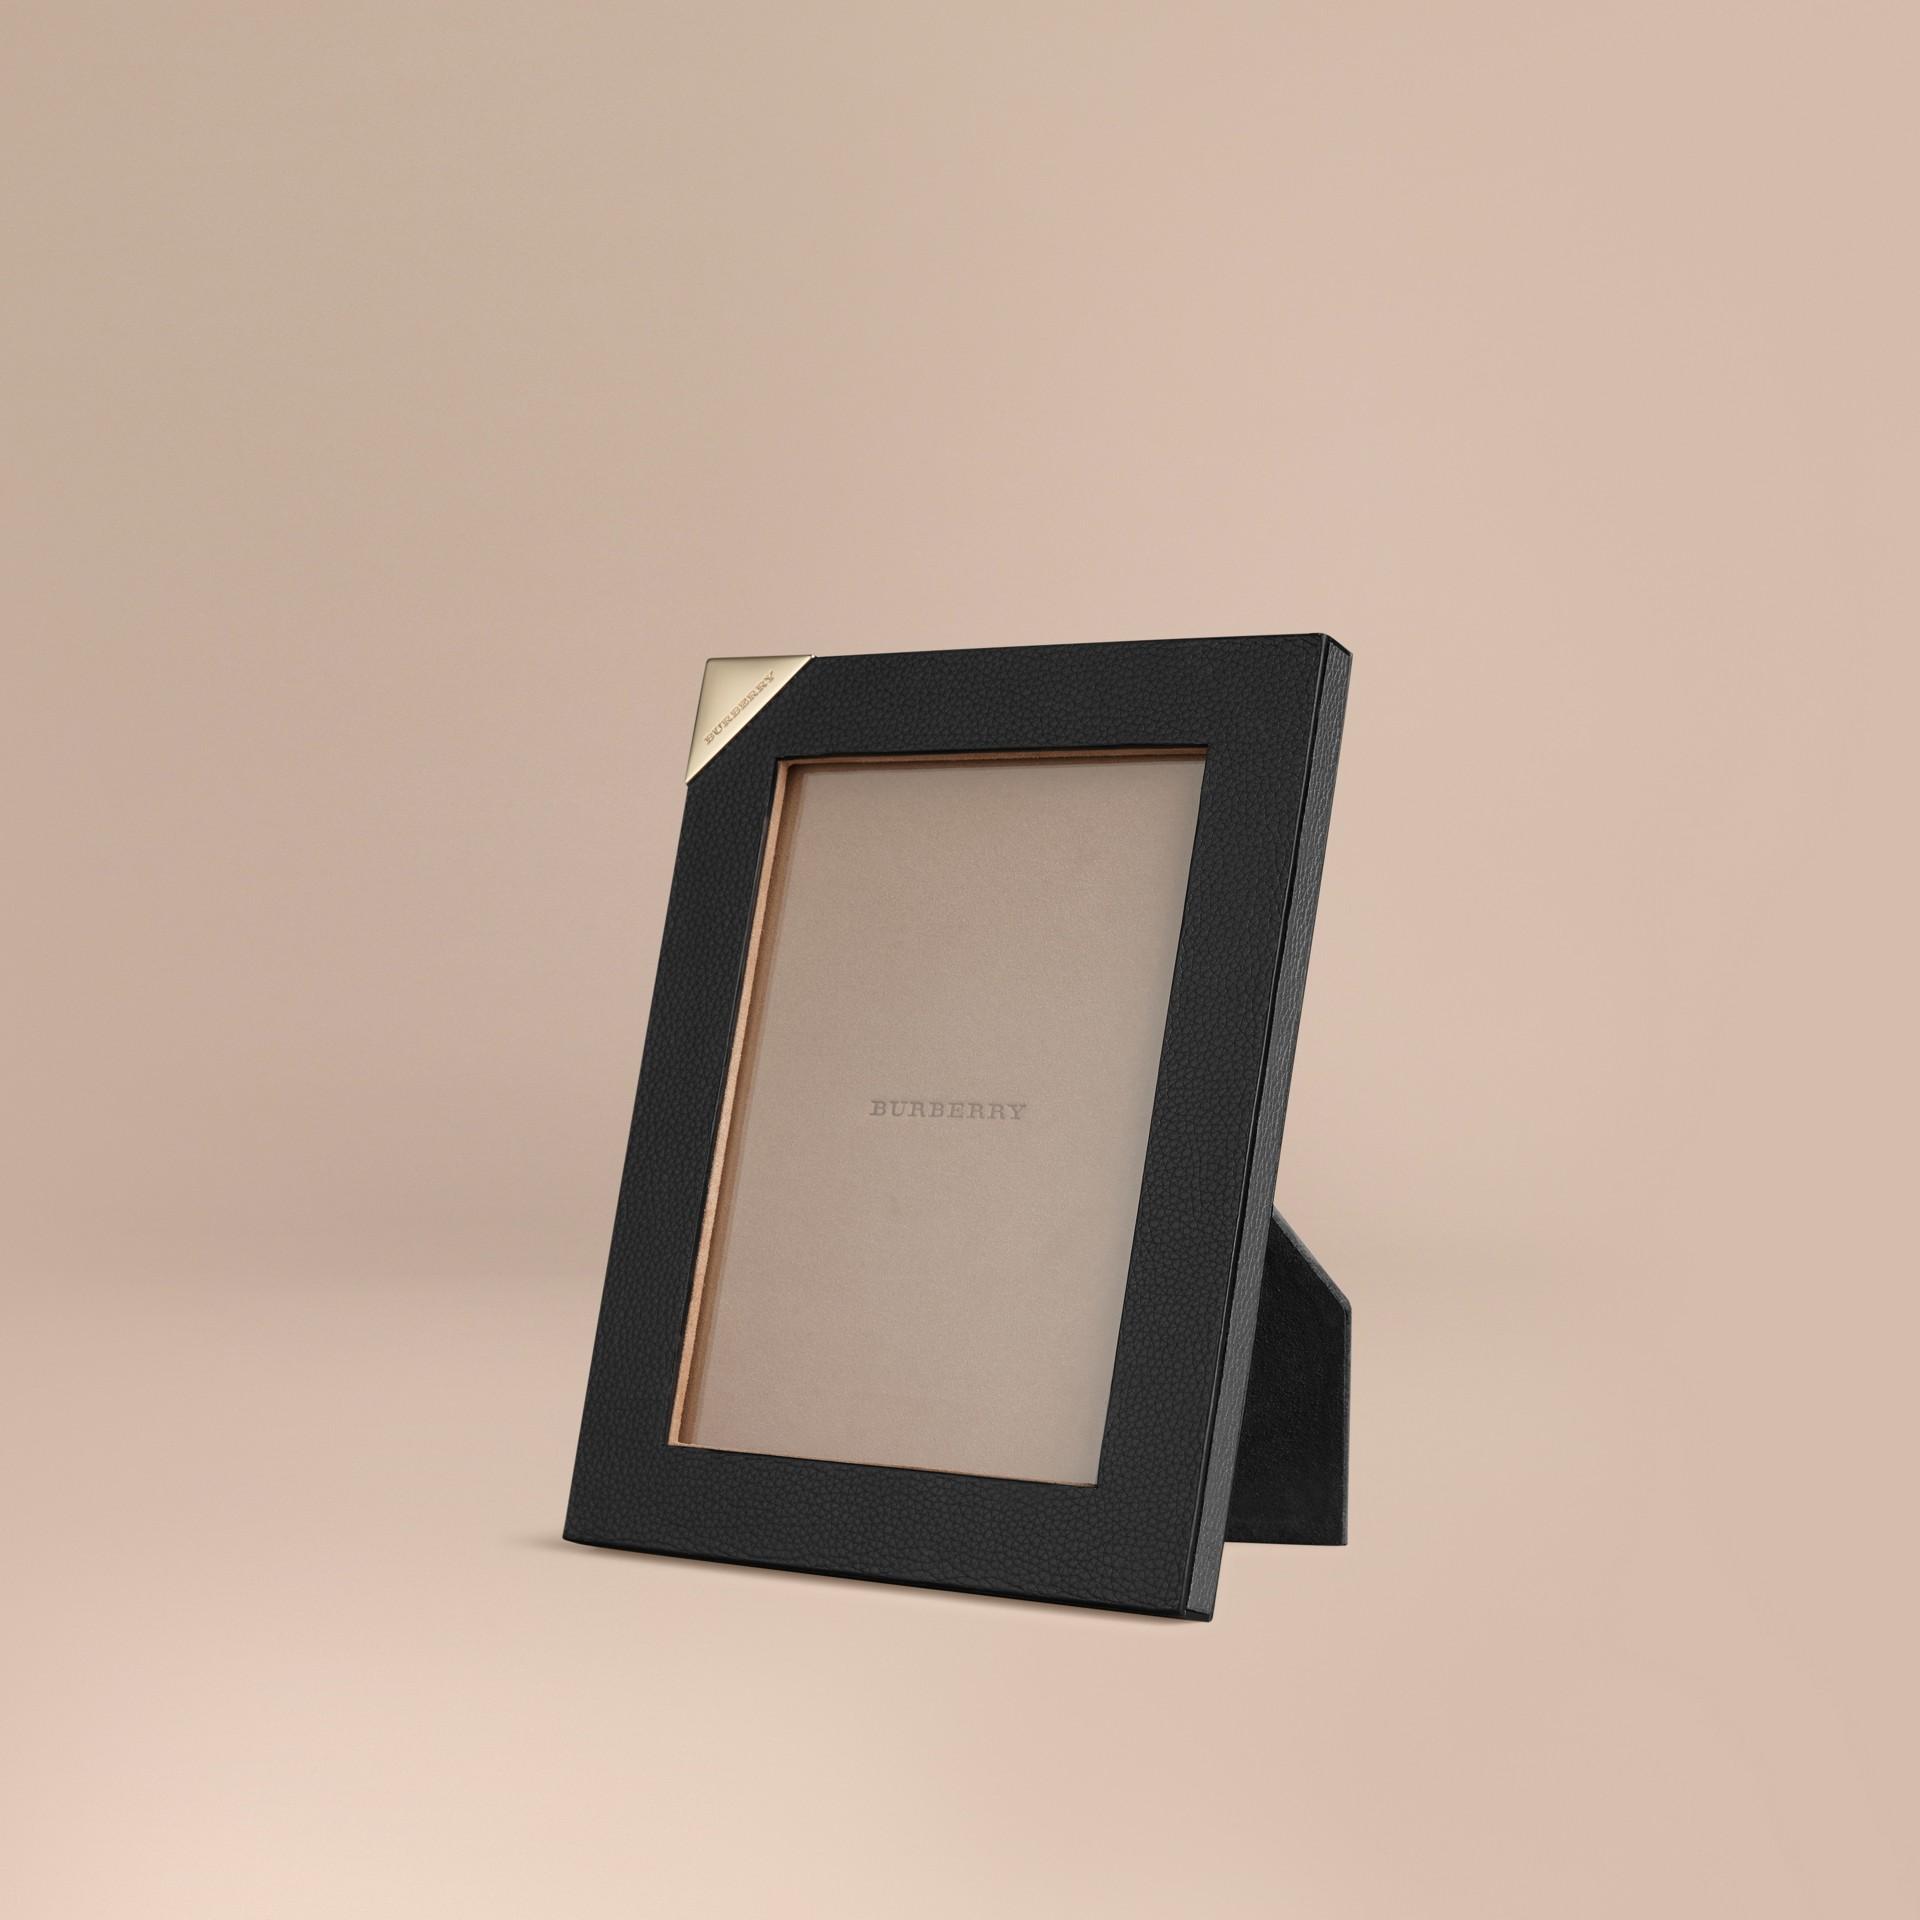 Schwarz Mittelgroßer Bilderrahmen aus genarbtem Leder Schwarz - Galerie-Bild 1